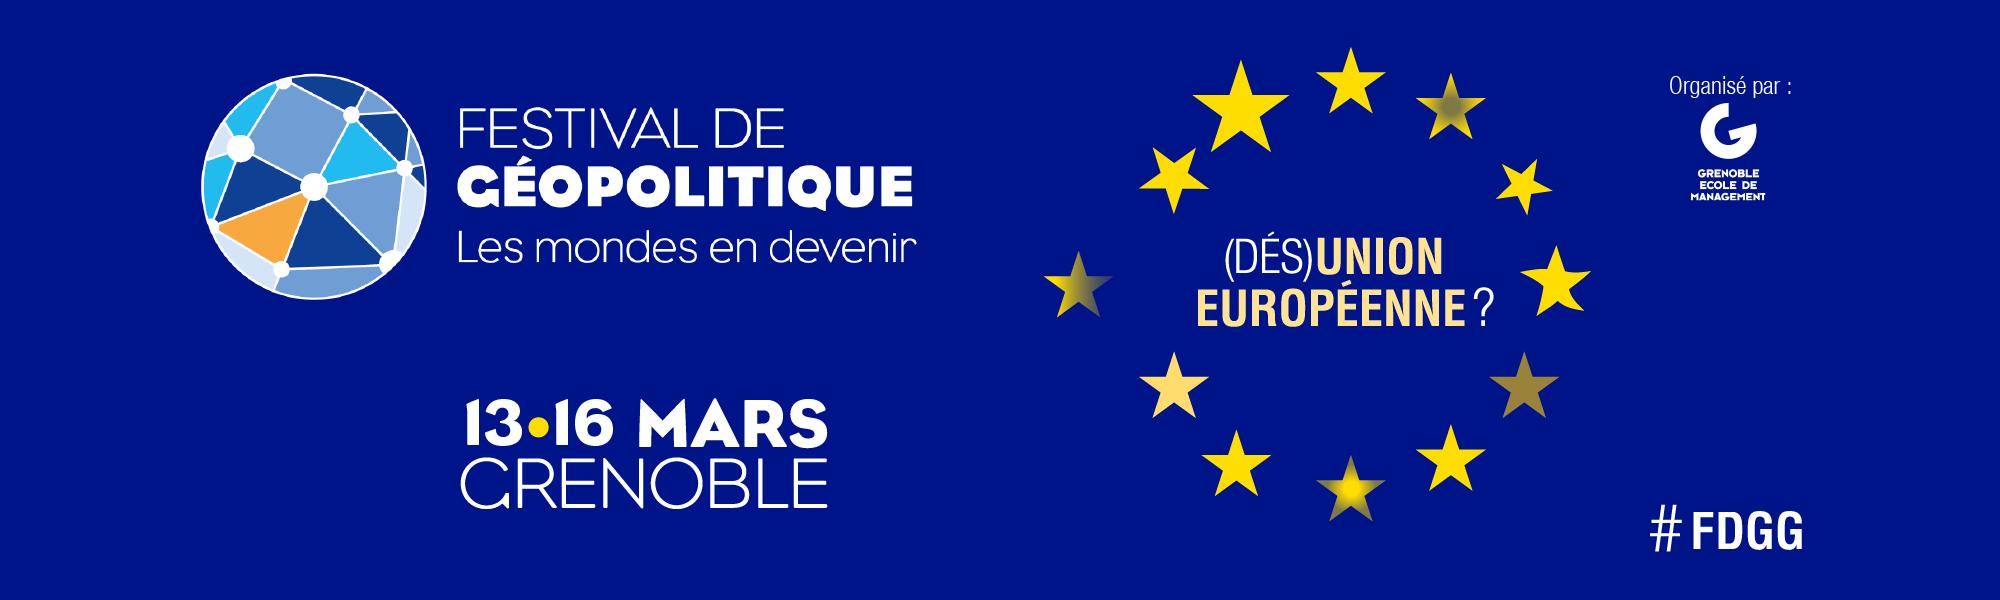 Annonce festival 2019 - (Des)Union Européenne